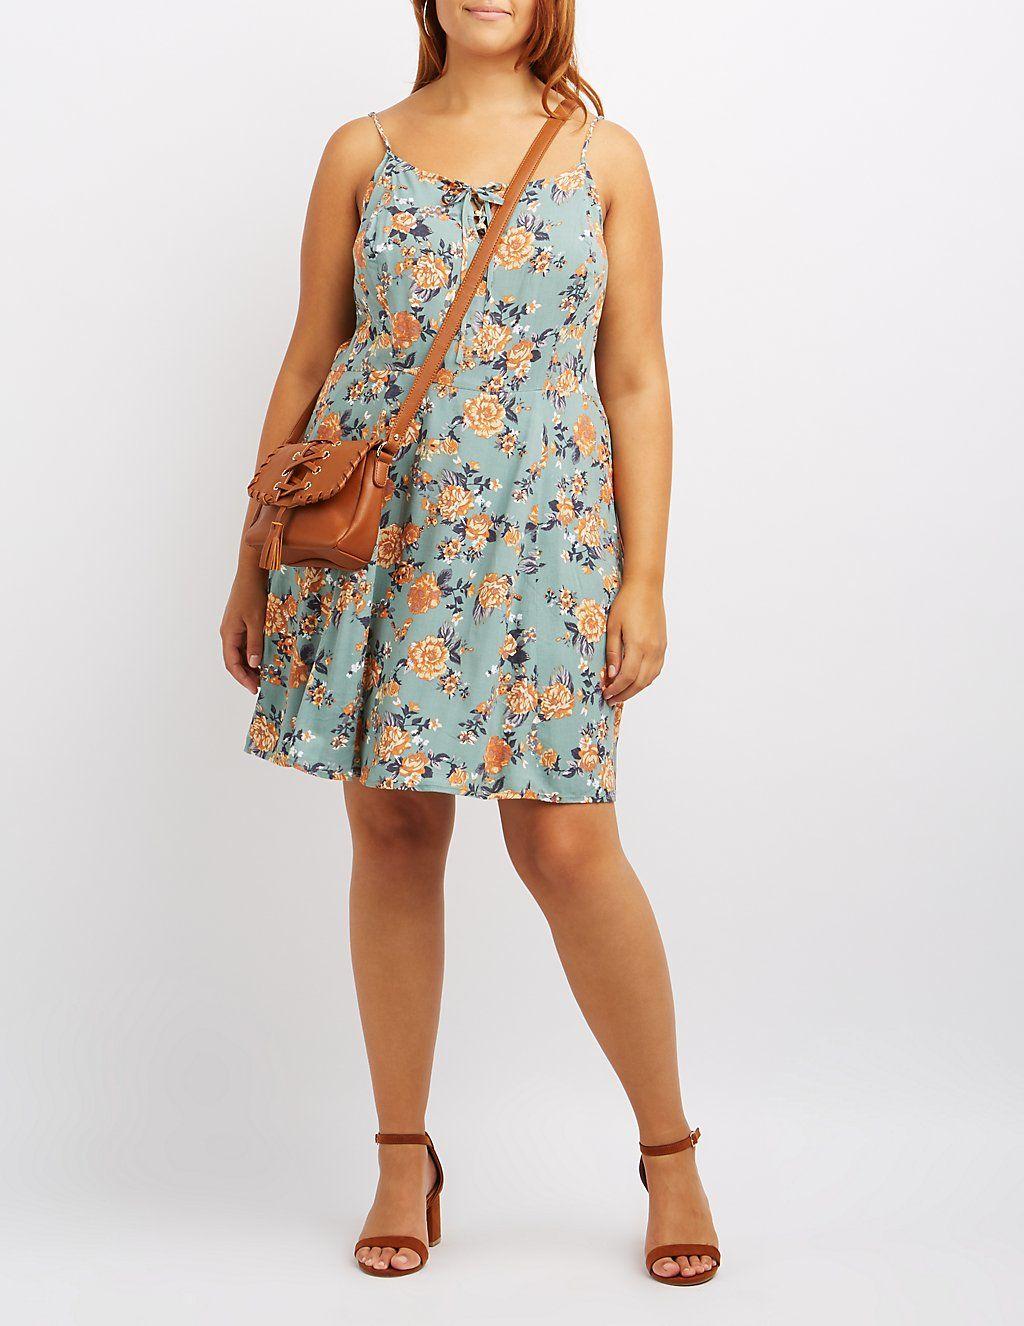 204c88b5608 Plus Size Floral Lace-Up Skater Dress